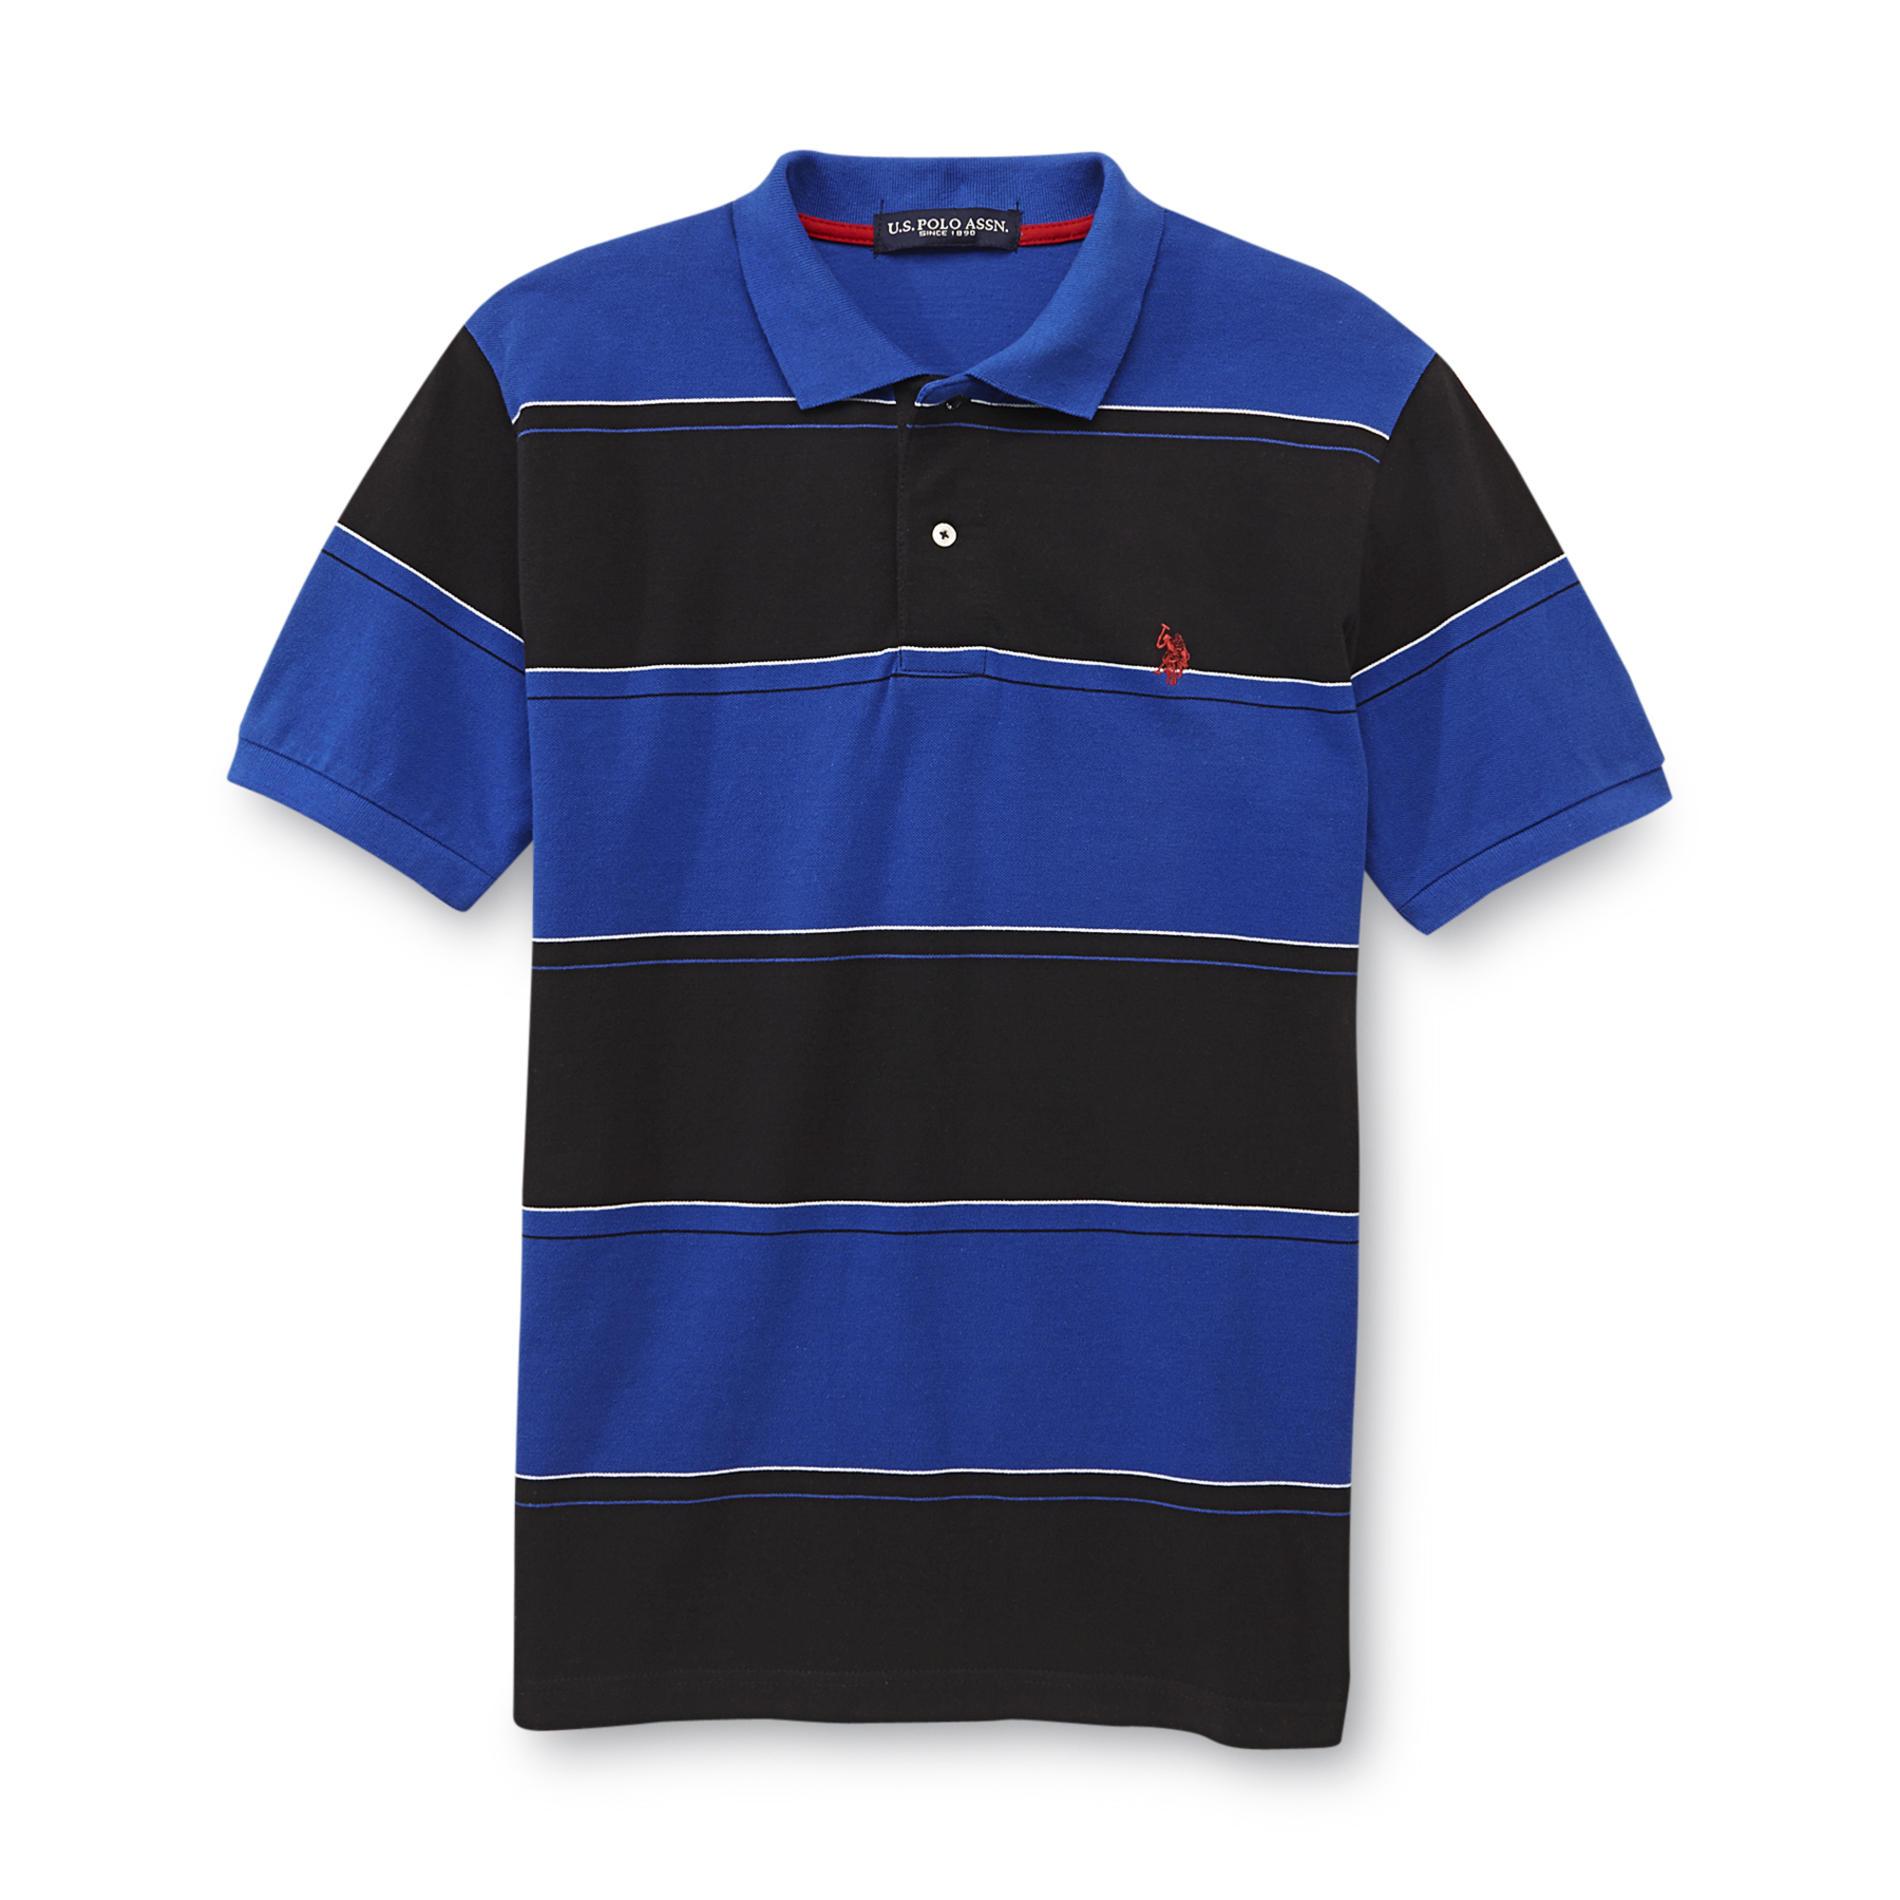 U.S. Polo Assn. Men's Polo Shirt - Striped